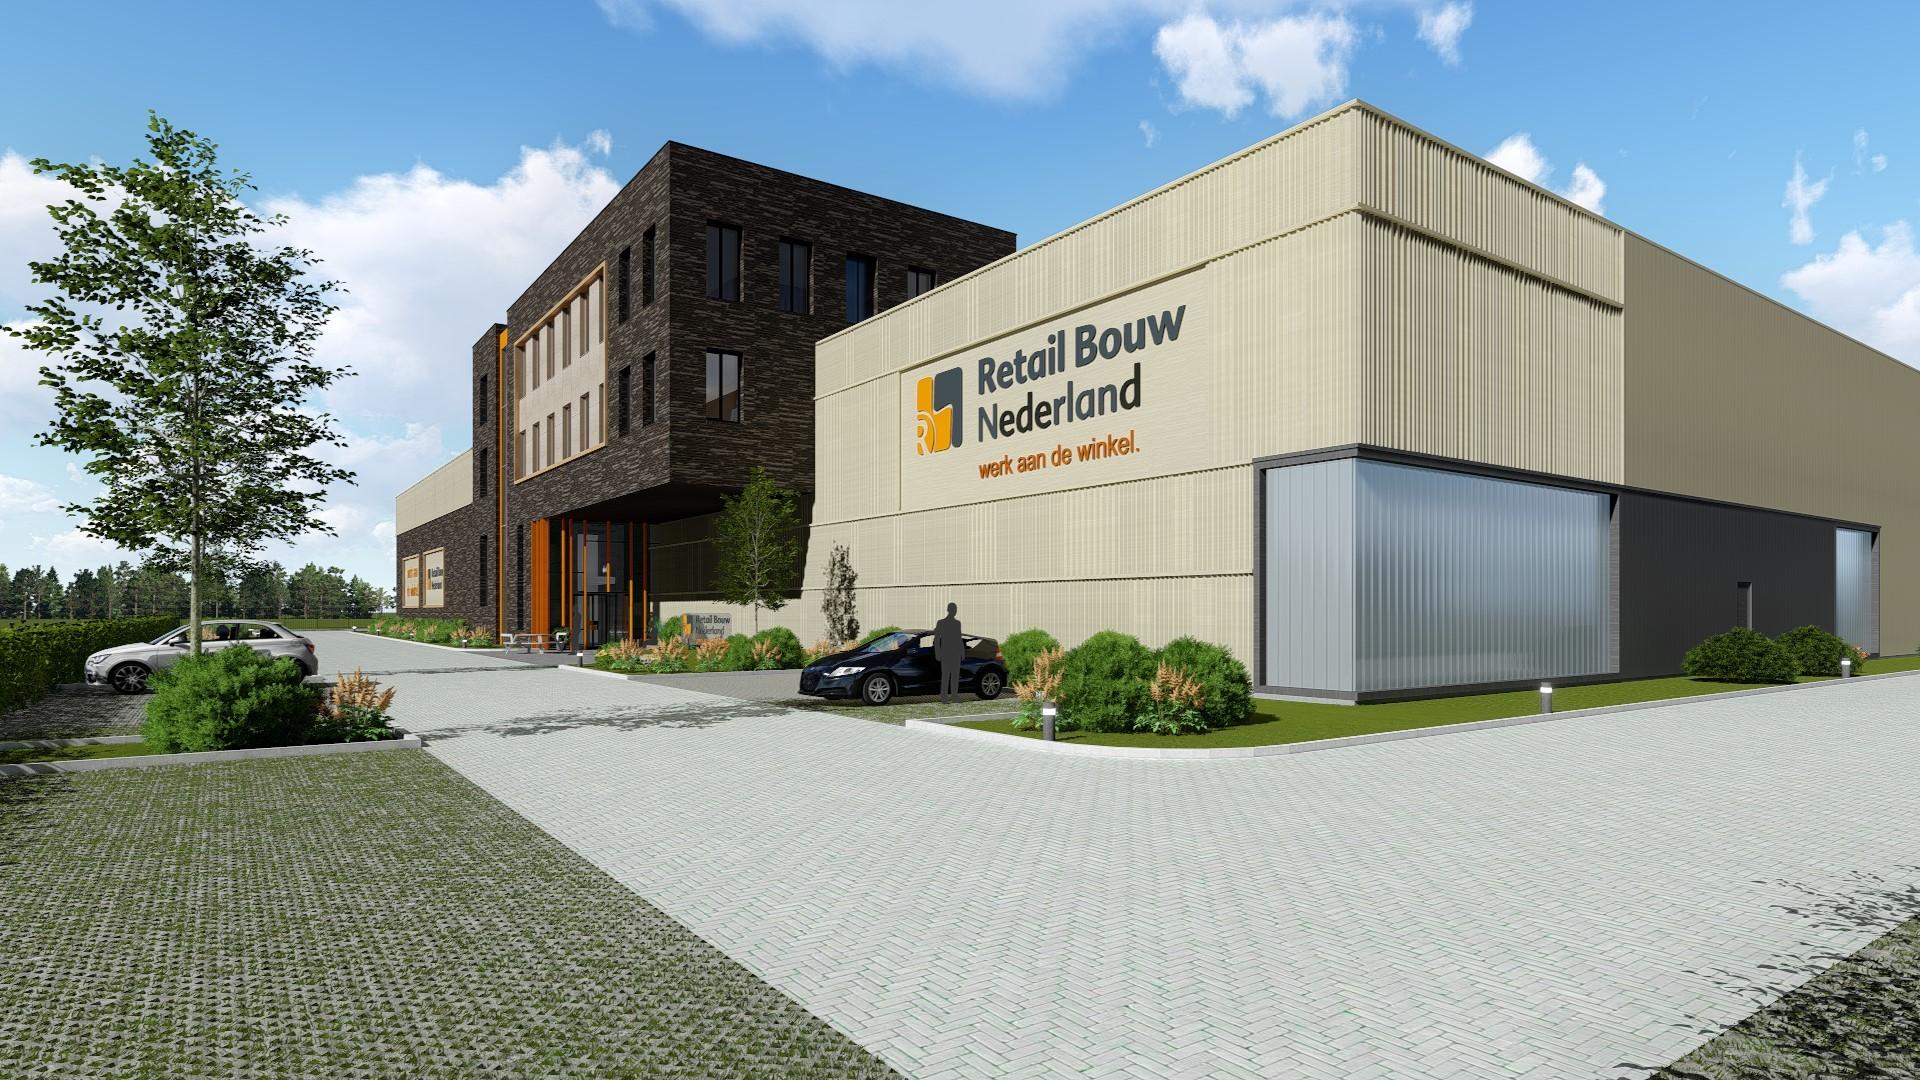 Retail Bouw Nederland